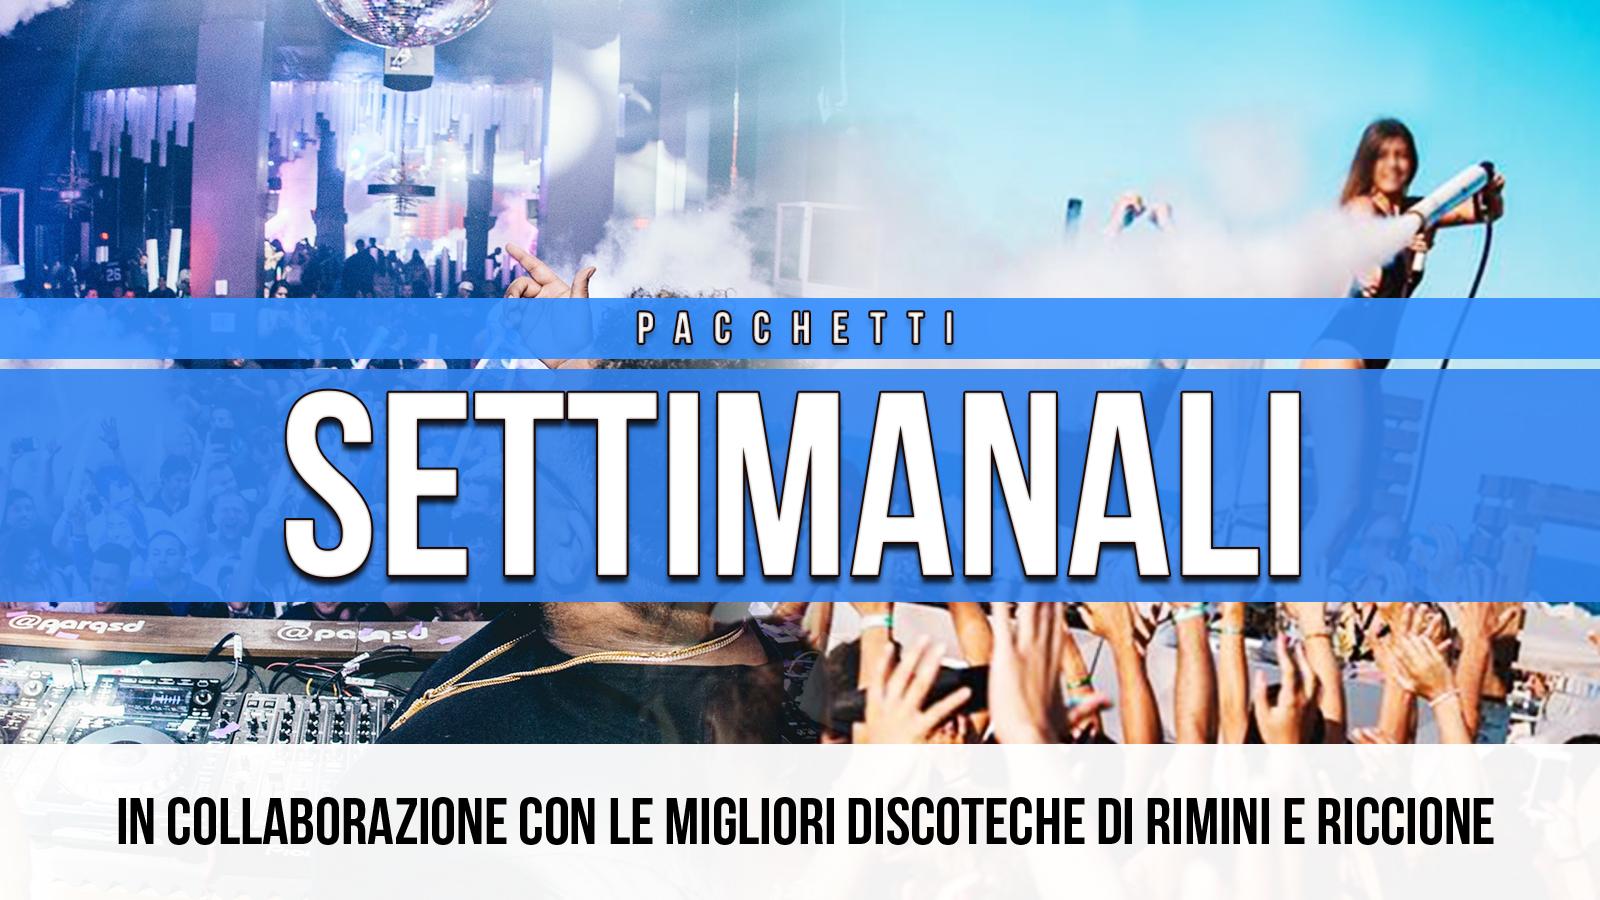 Pacchetti Settimanali Riccione Rimini Hotel + Discoteche